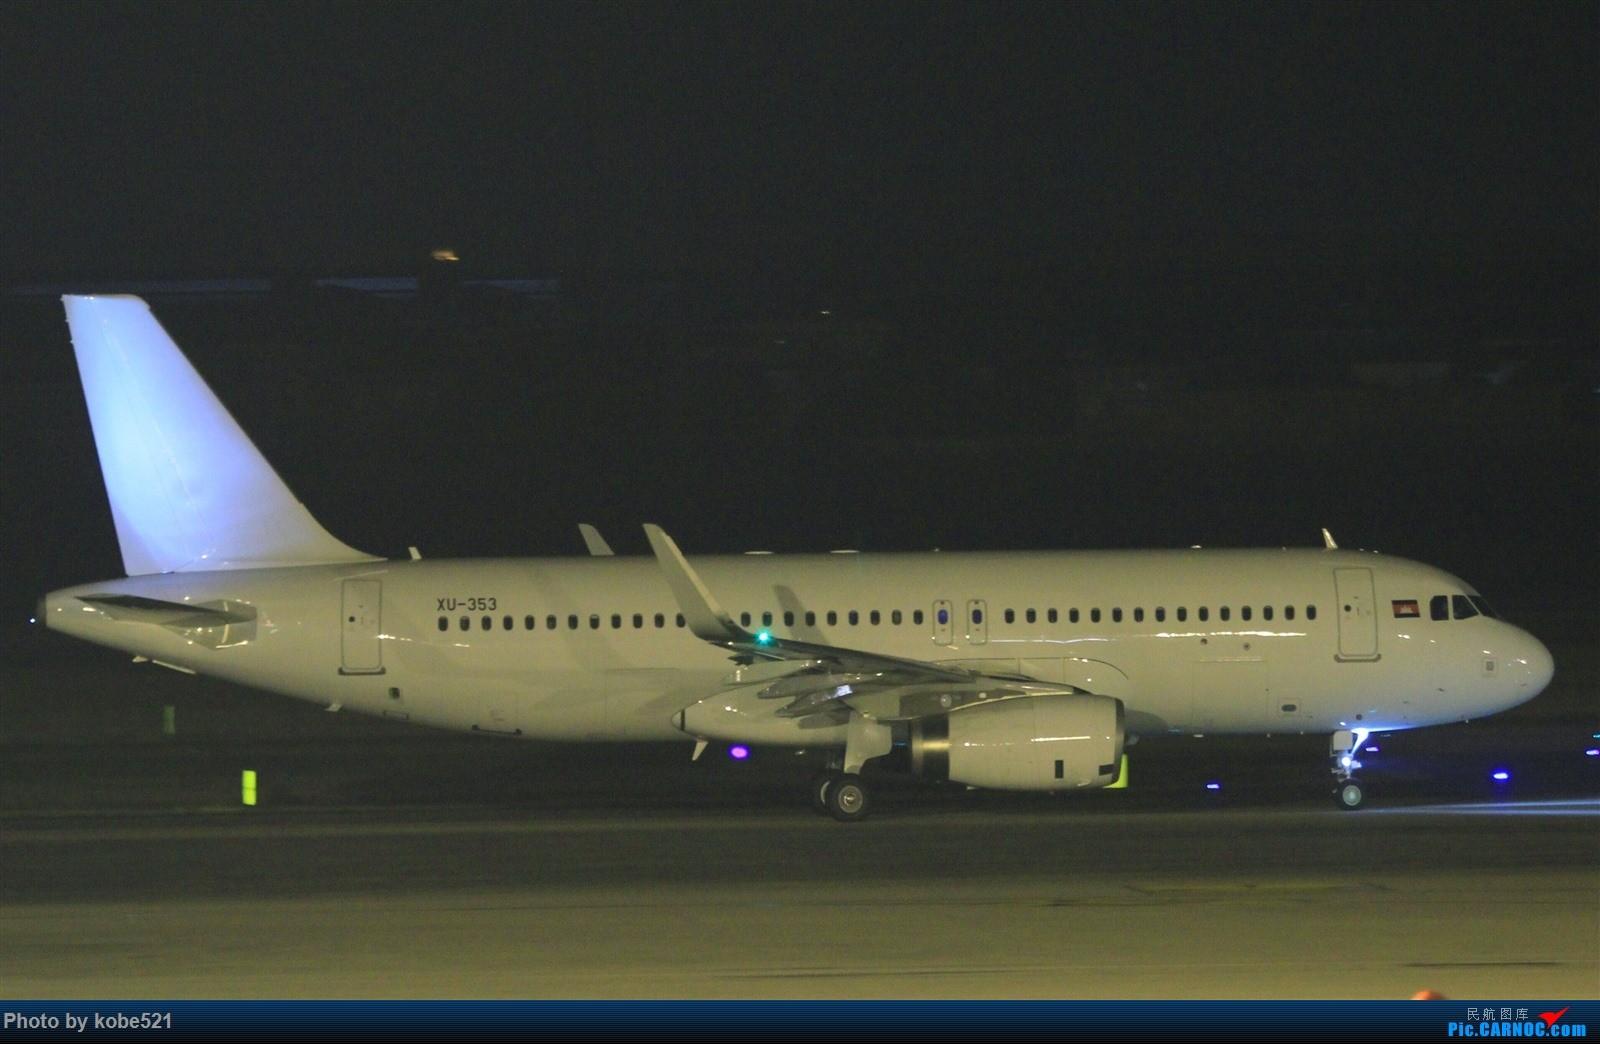 Re:[原创]撸一把夜景~ A320 XU-353 中国杭州萧山国际机场